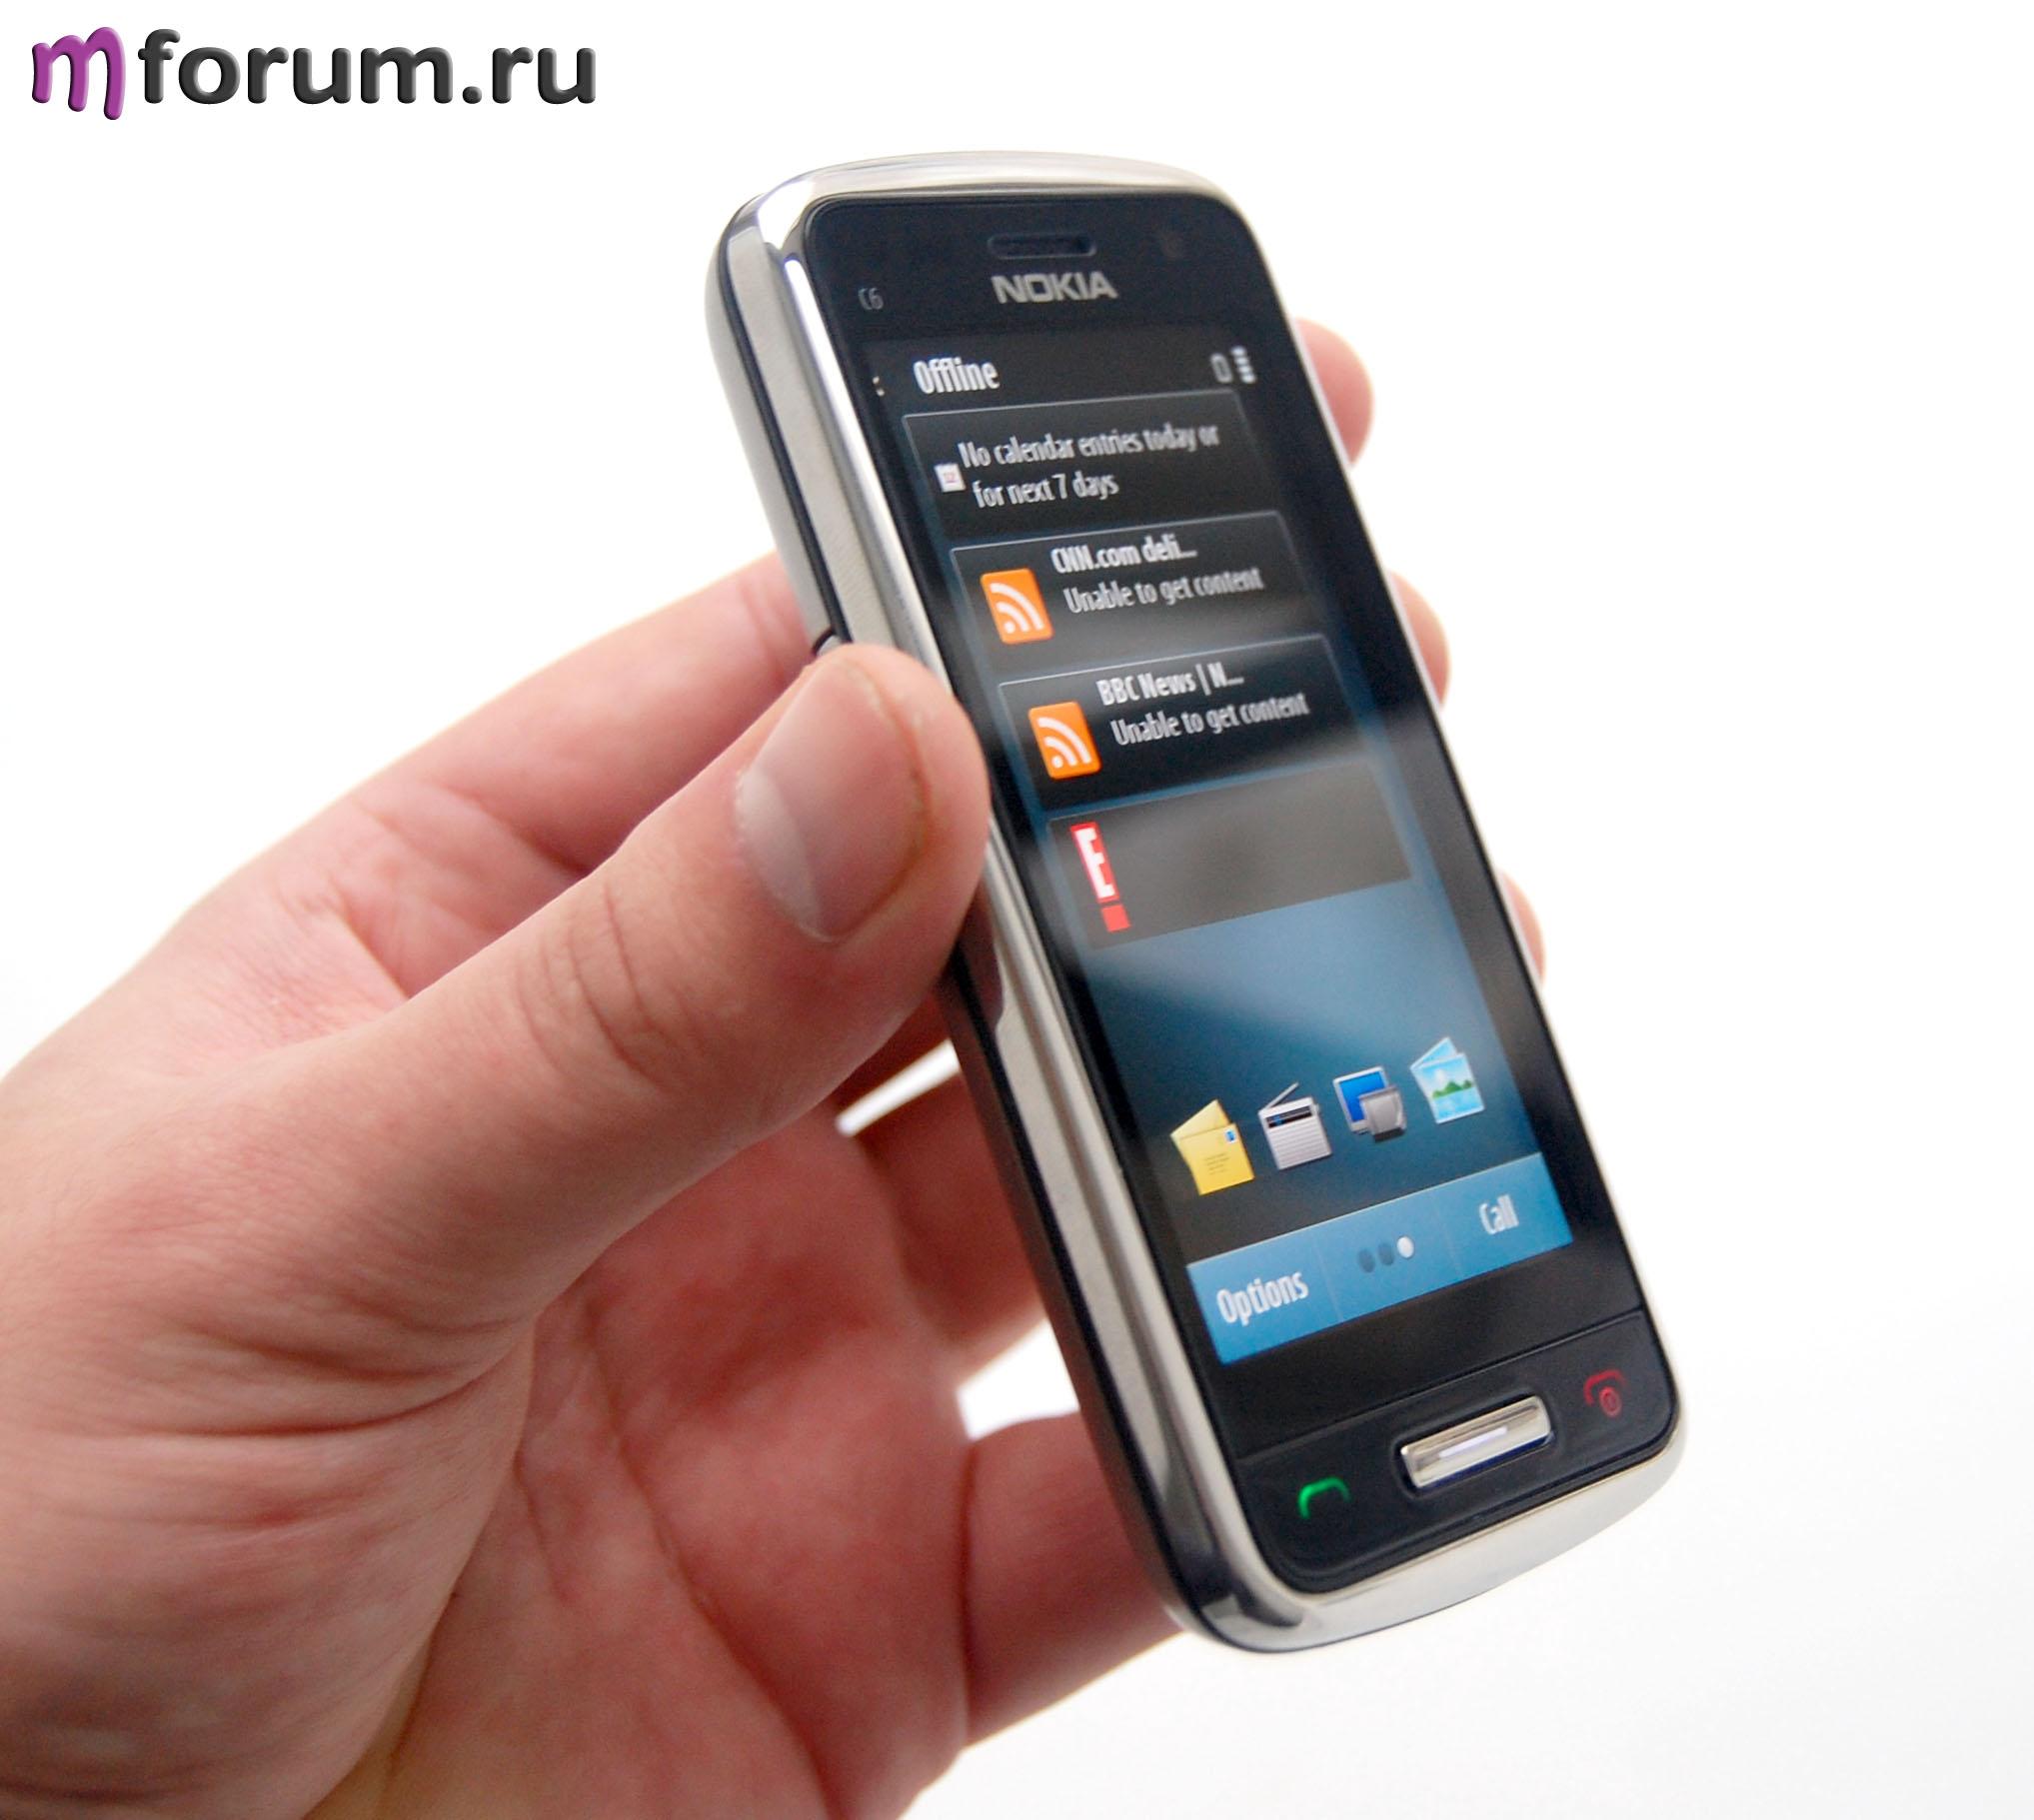 Получение сертификата для nokia c6-01 8462291000 сертификация казахстан